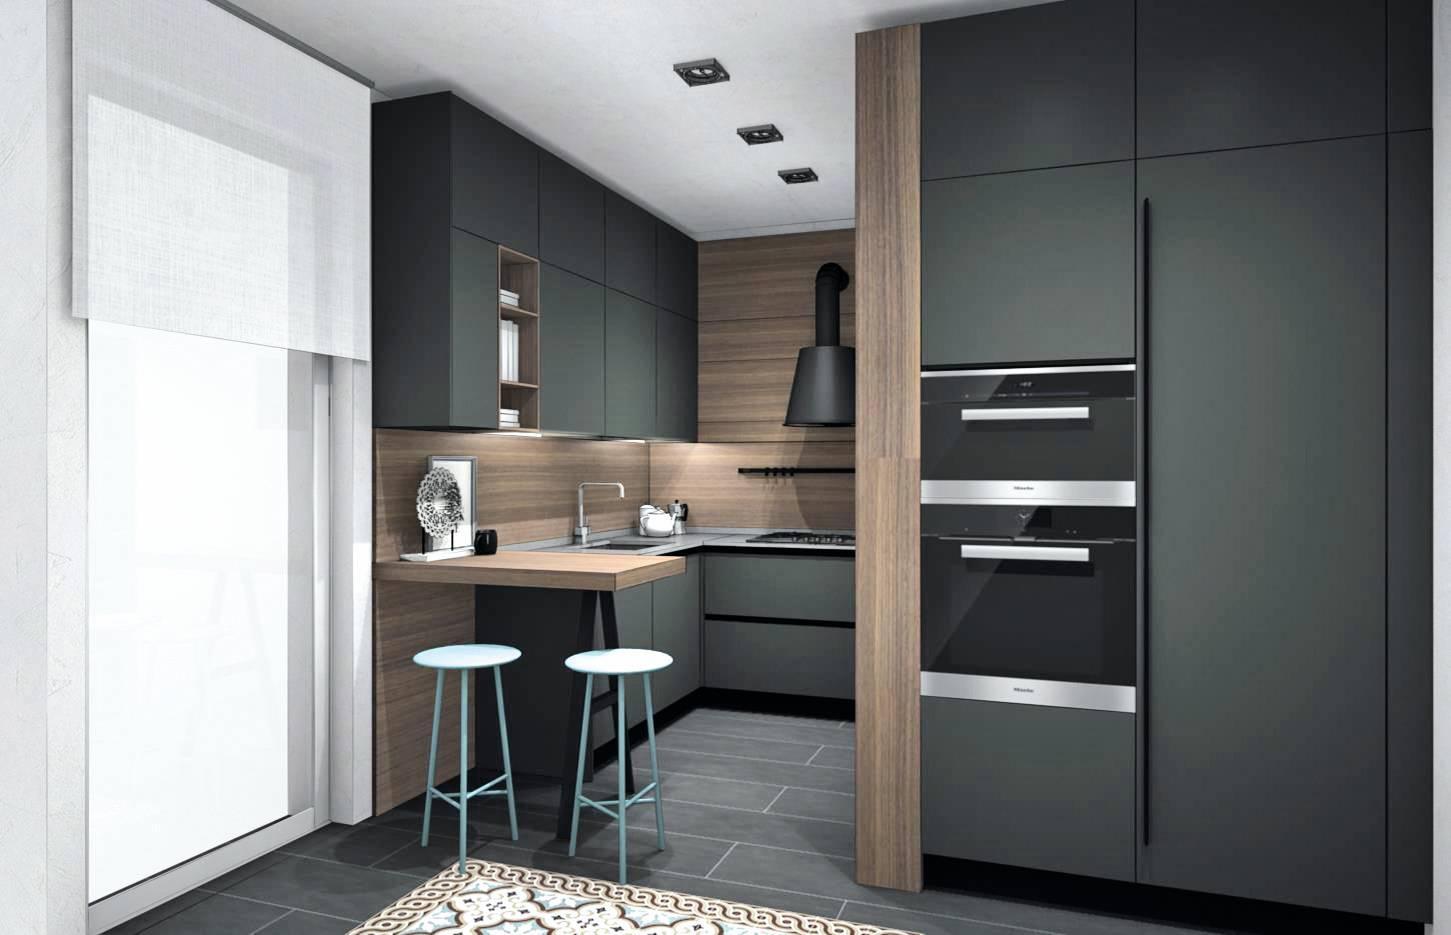 Pensile Angolare Cucina Ikea progetti cucina per meno di 10 mq: 4 soluzioni con i